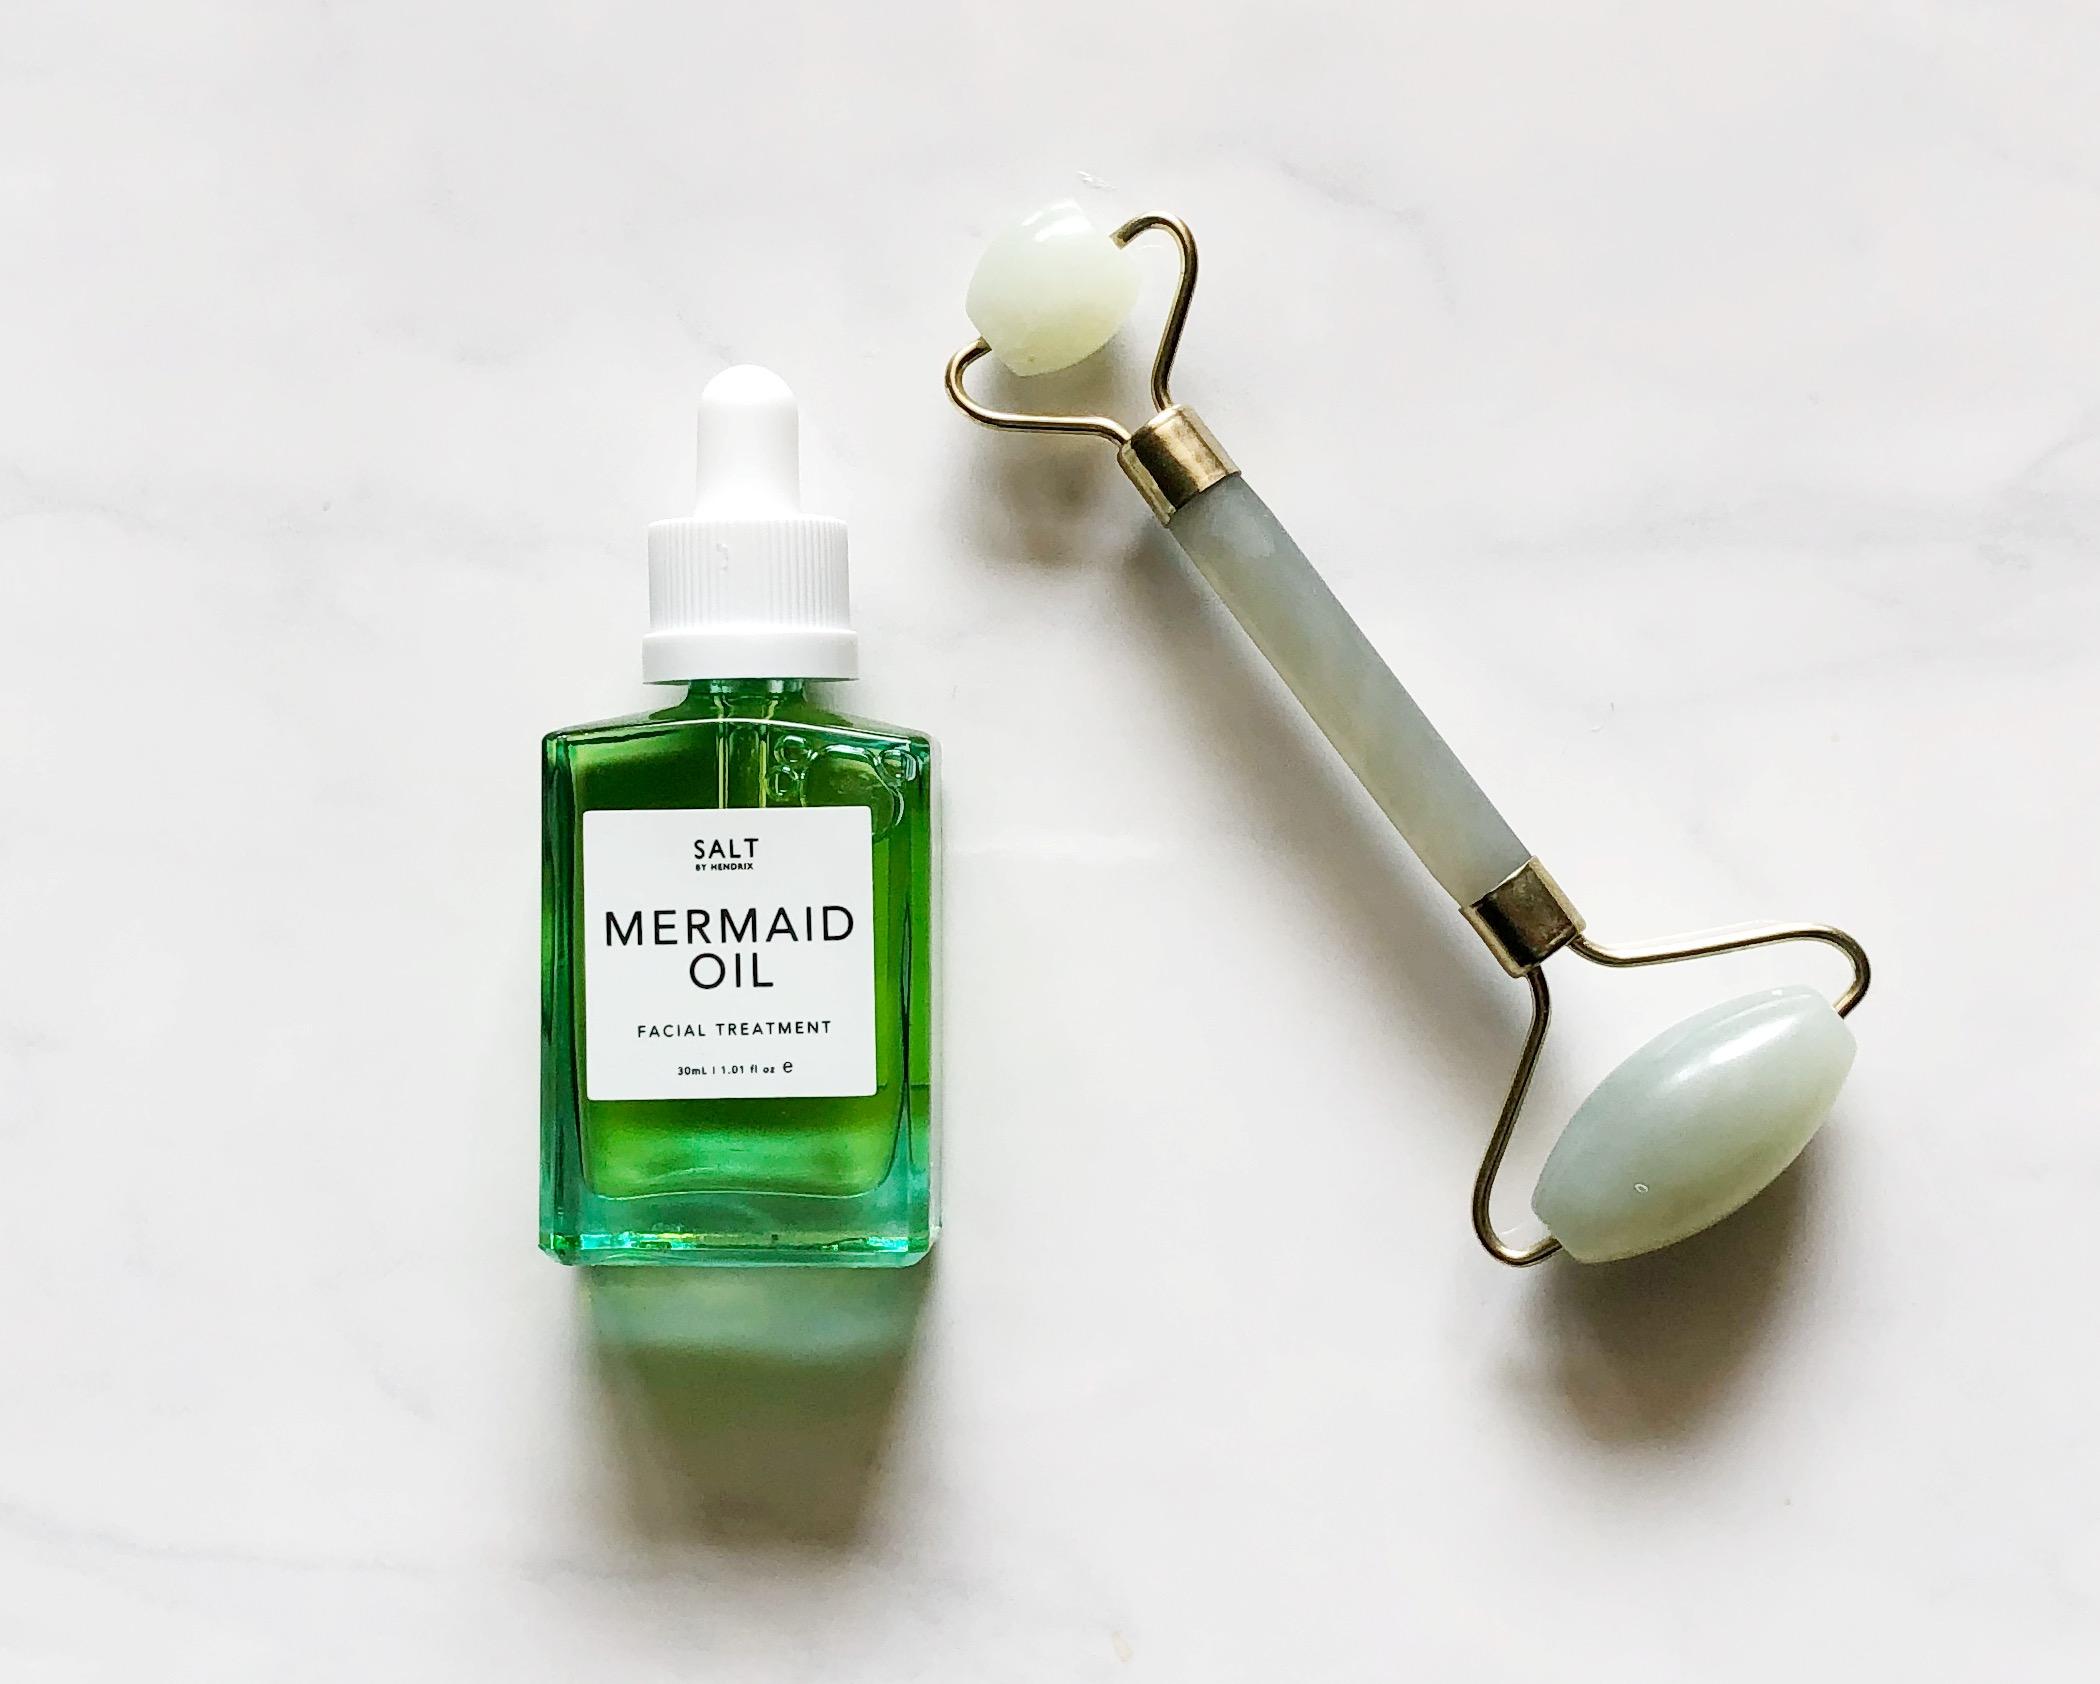 gusto-co-mermaid-oil-salt-by-hendrix-australian-skincare-jade-roller